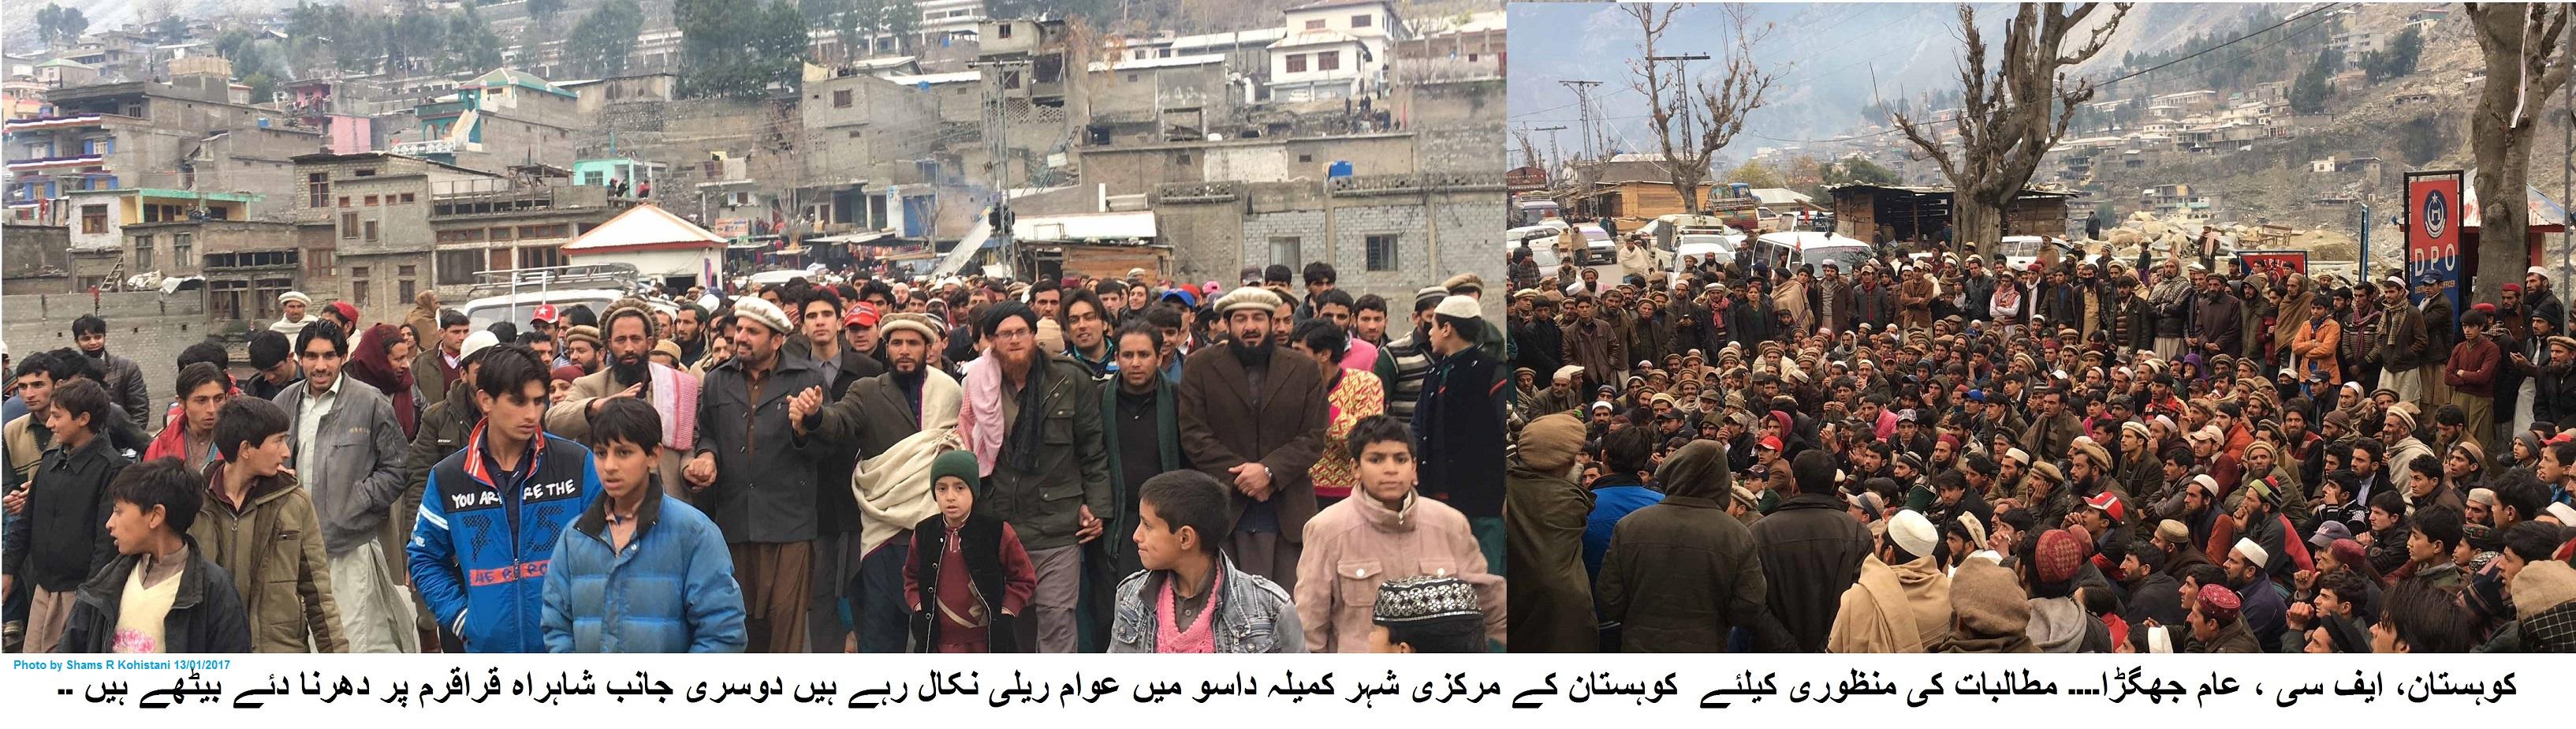 شہریوں پر فائرنگ کرنے والے اہلکاروں کی عدم گرفتاری کے خلاف کوہستان میں احتجاجی مظاہرہ، شاہراہ قراقرم بلاک